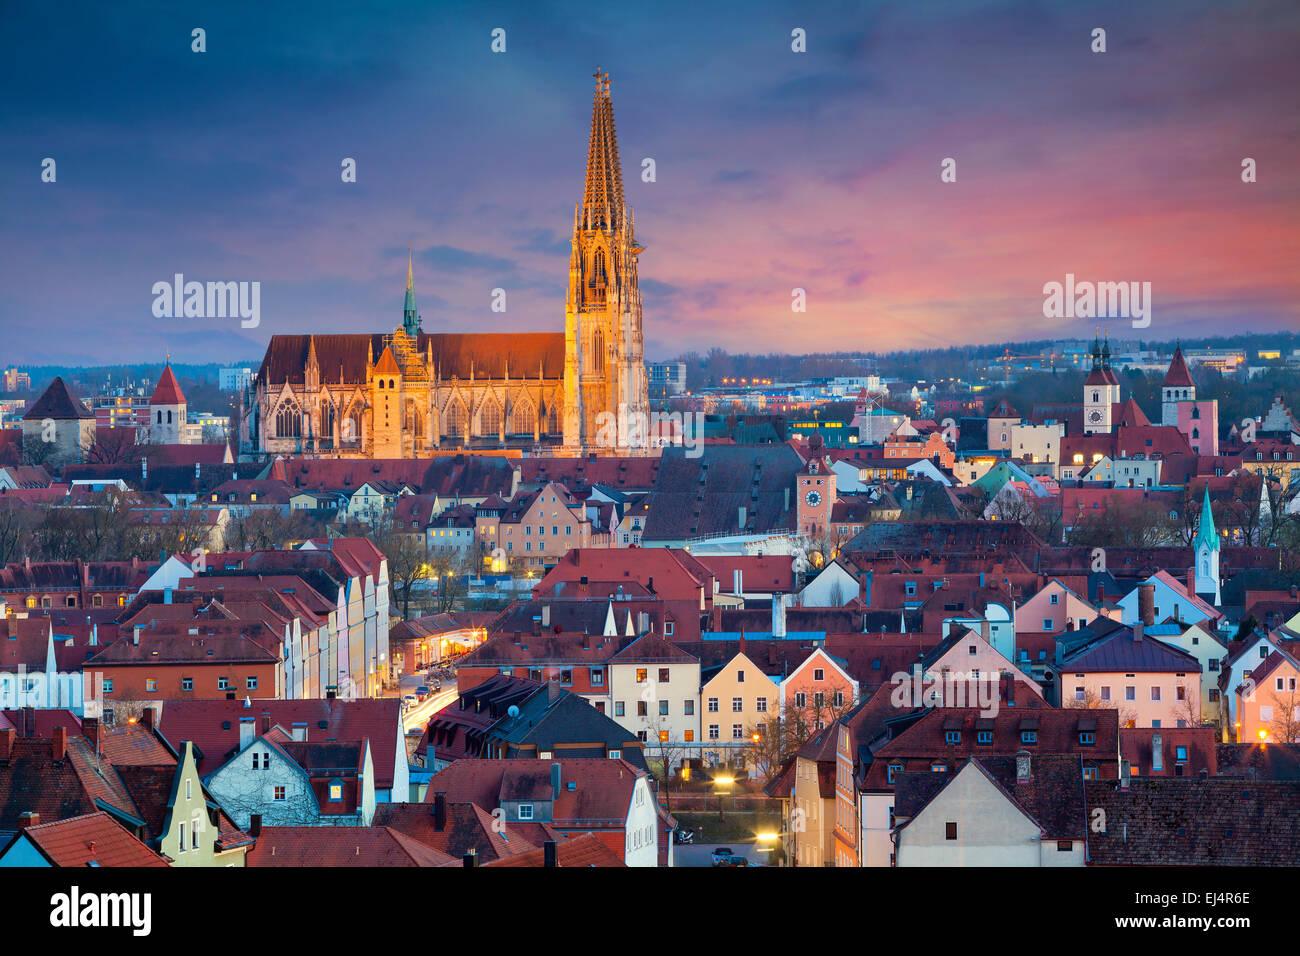 Regensburg. Image de l'UNESCO patrimoine mondial et historique ville bavaroise Regensburg. Photo Stock